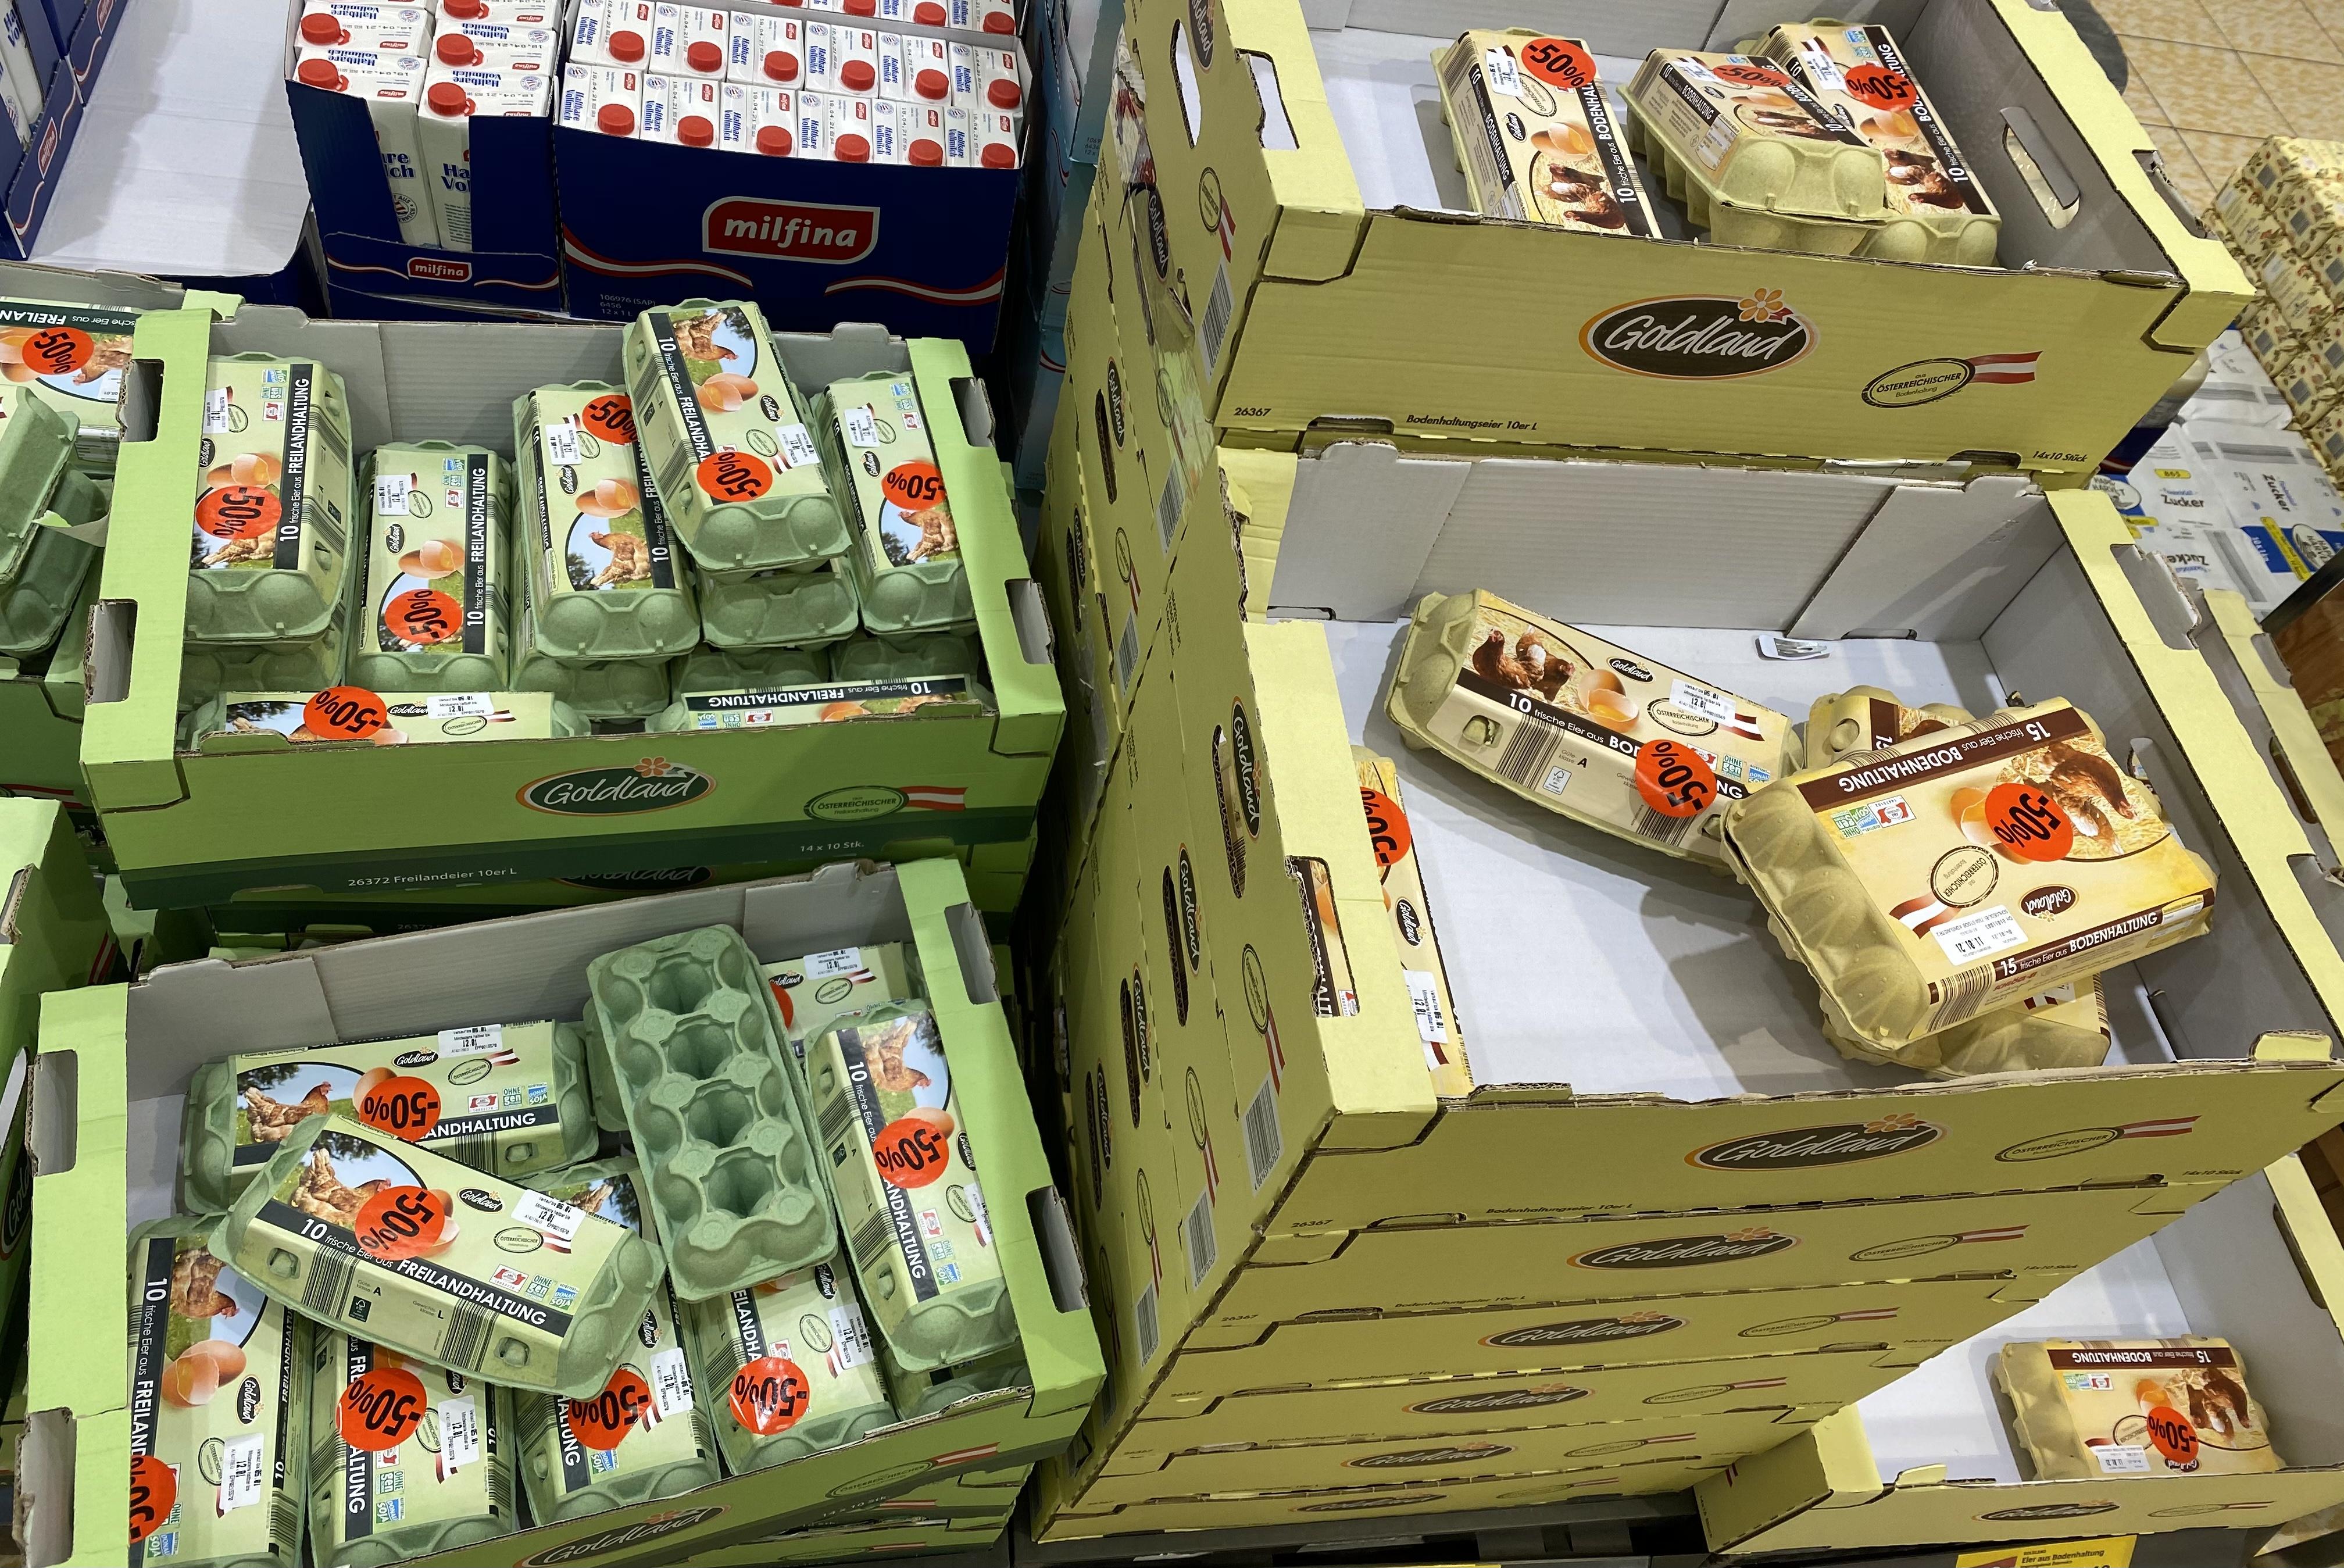 [lokal] Hofer Brixlegg, Alle Eier -50%, Kistenweise